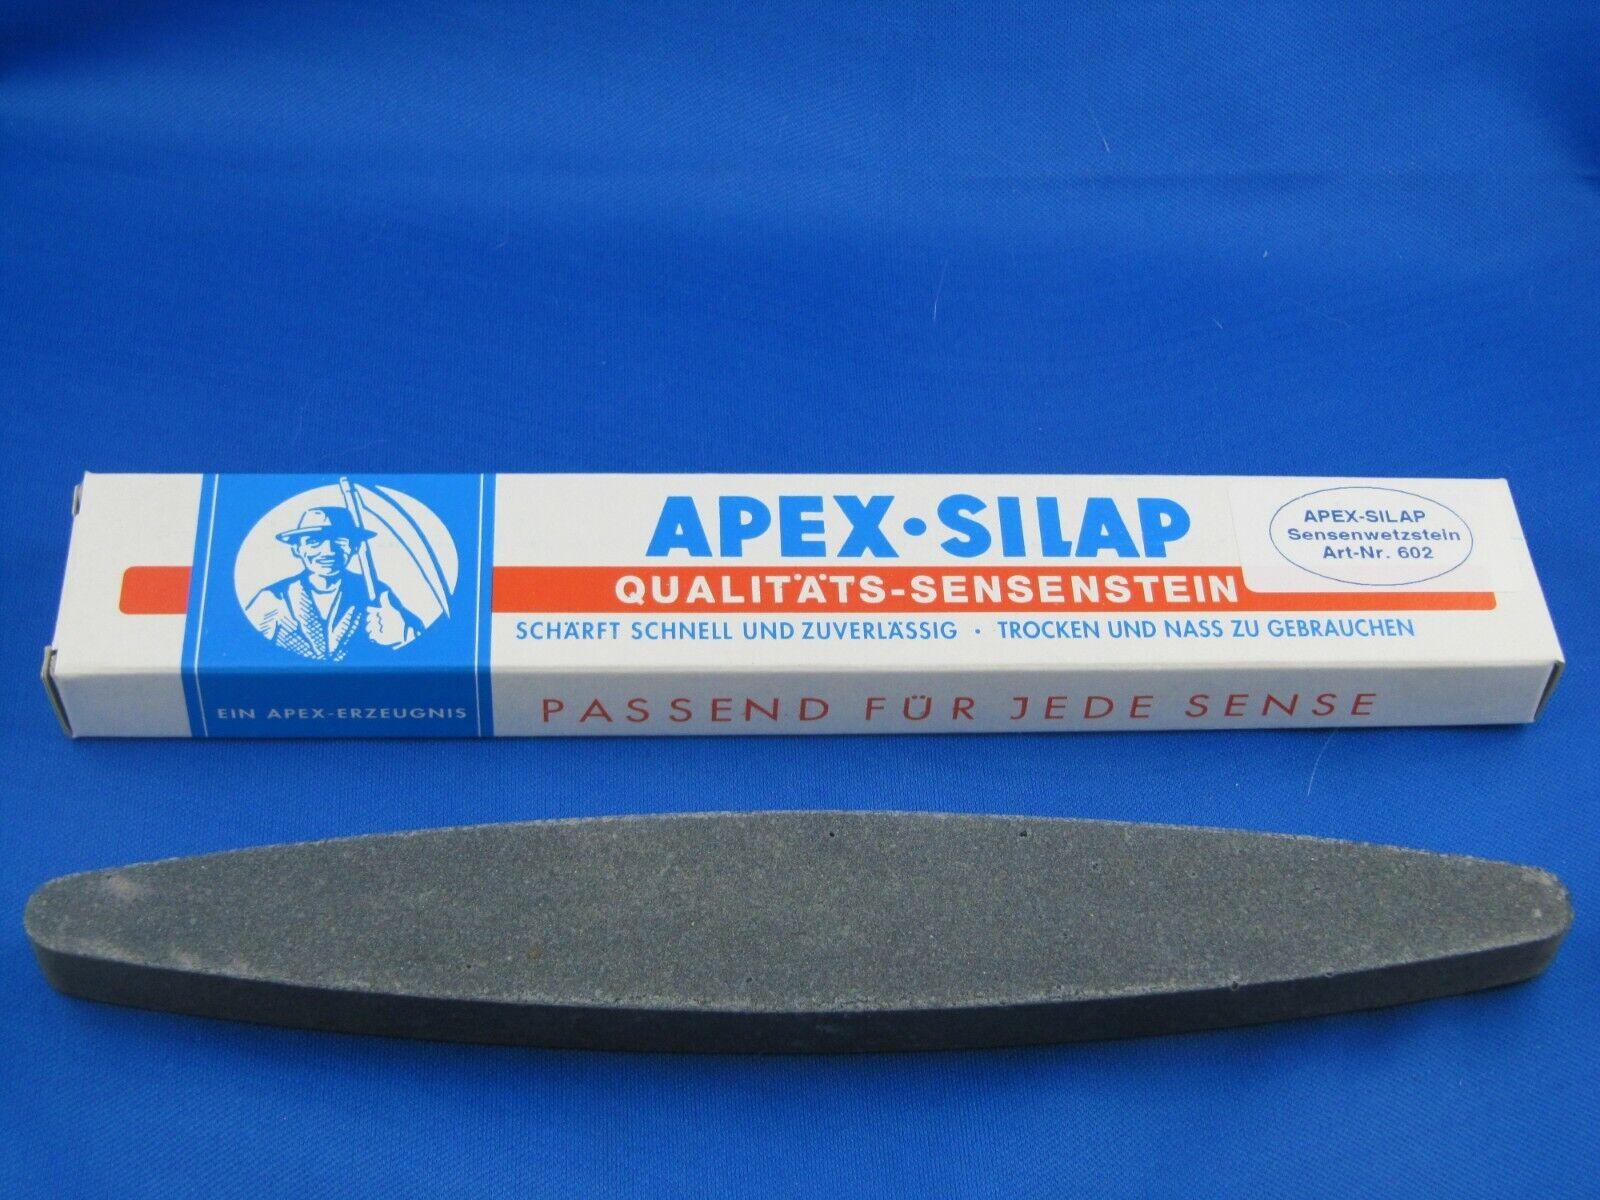 Sensenwetzstein APEX-Silap  230 mm für Sensen / Sicheln und Messer